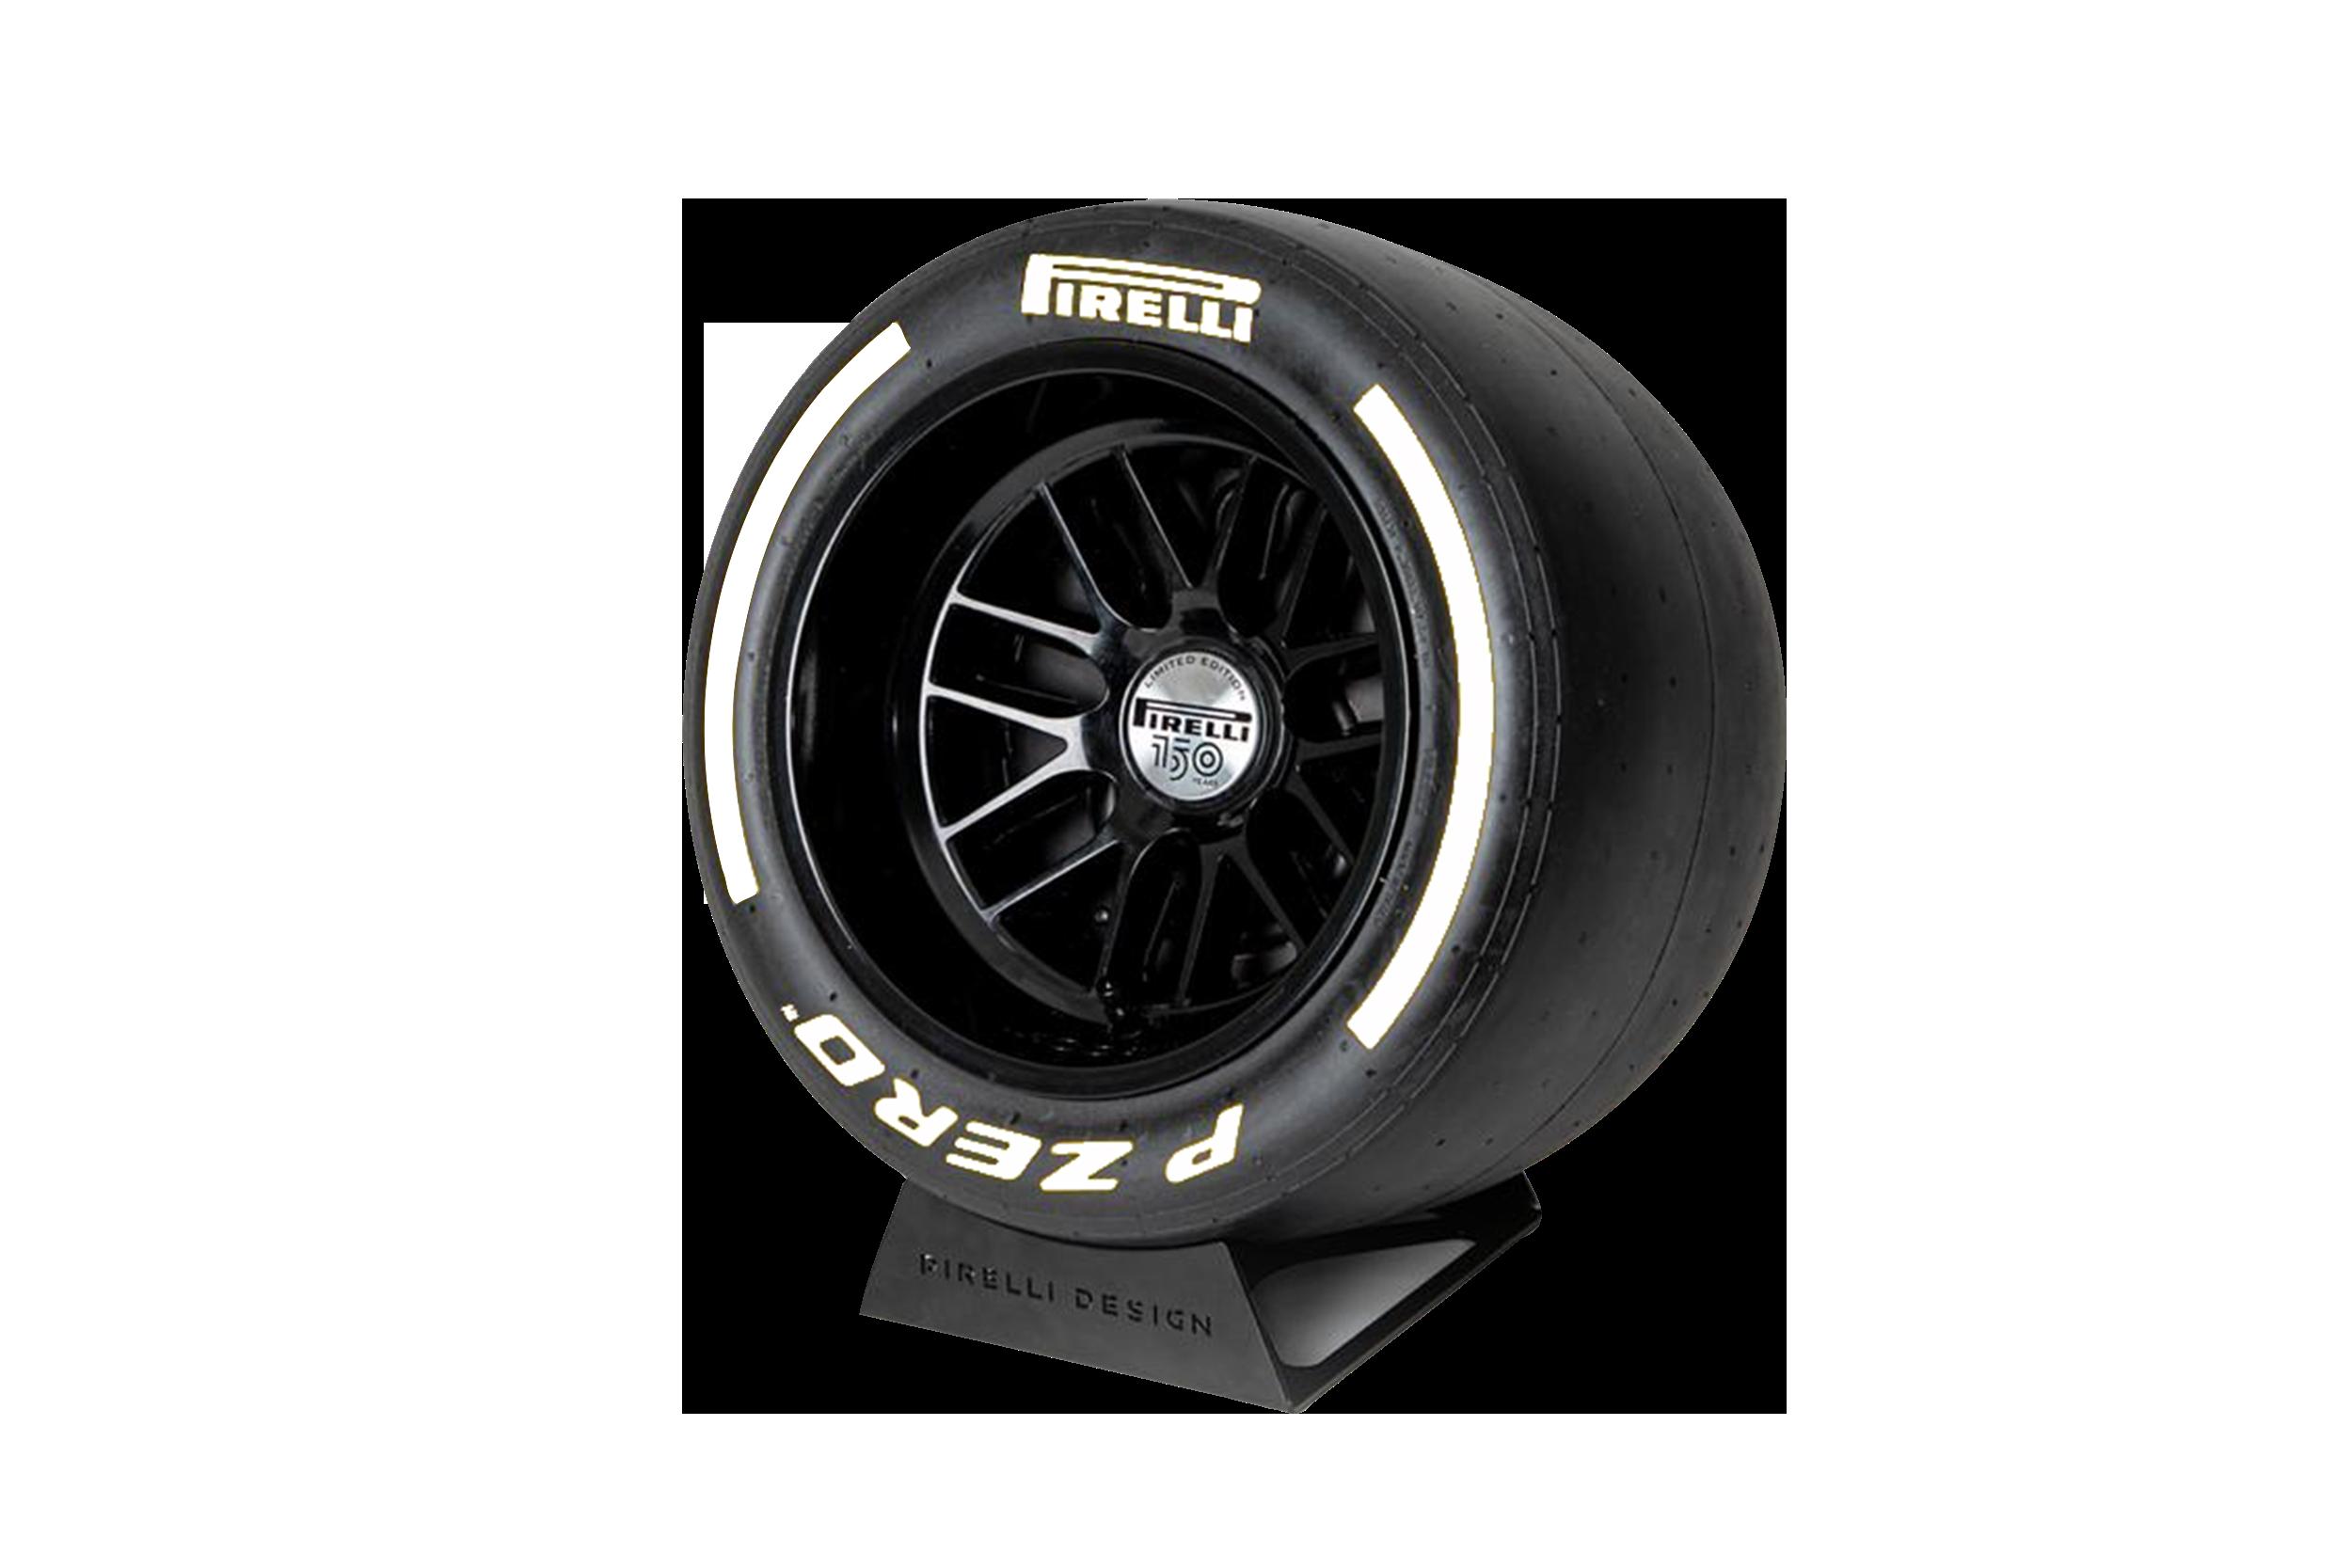 Pirelli P ZERO™ impianto audio di lusso colore bianco